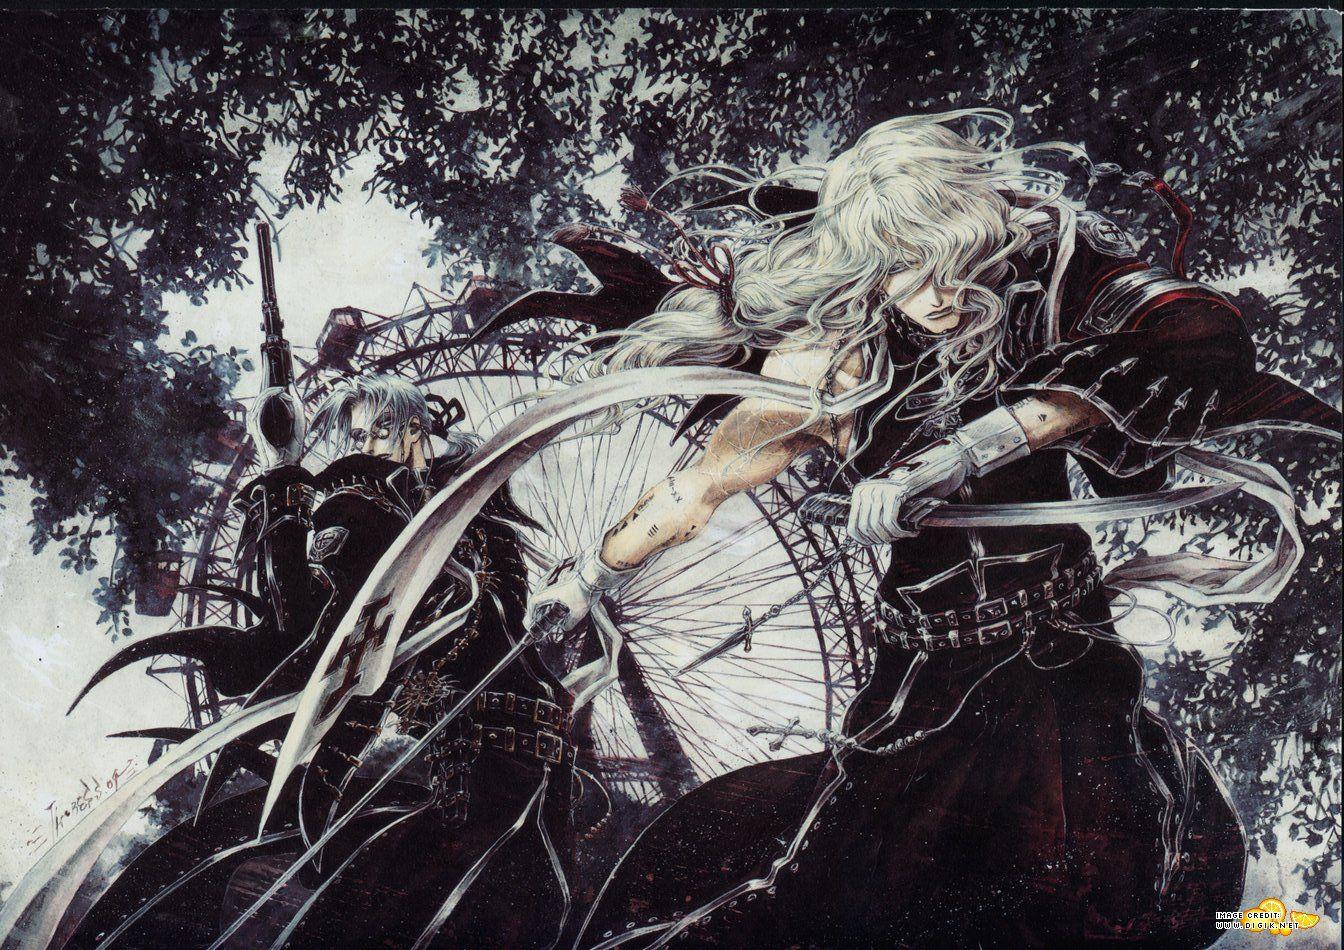 Trinity Blood Abel Nightroad and Hugue de Watteau